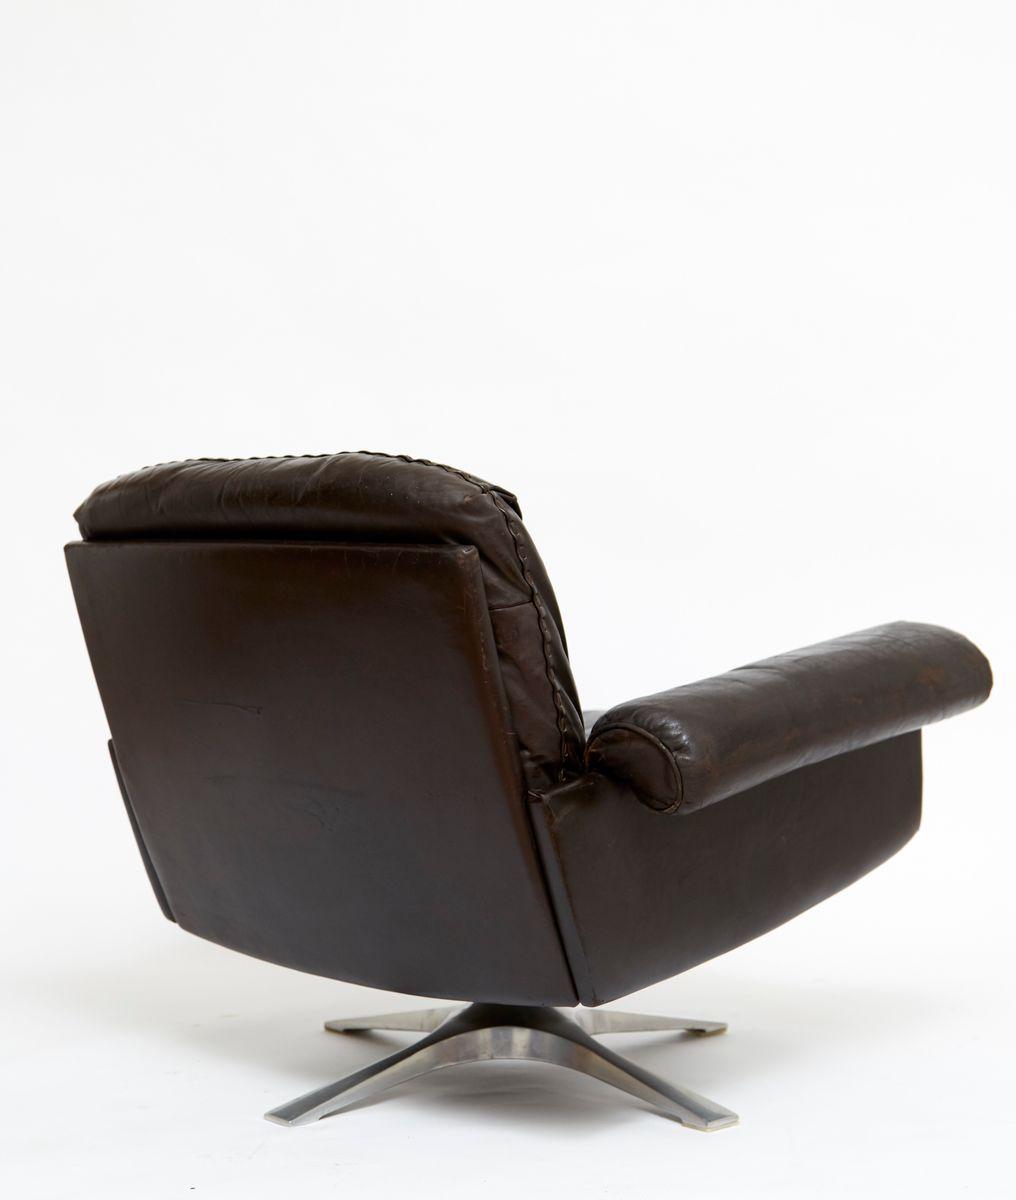 schweizer leder drehsessel modell ds 31 von de sede. Black Bedroom Furniture Sets. Home Design Ideas